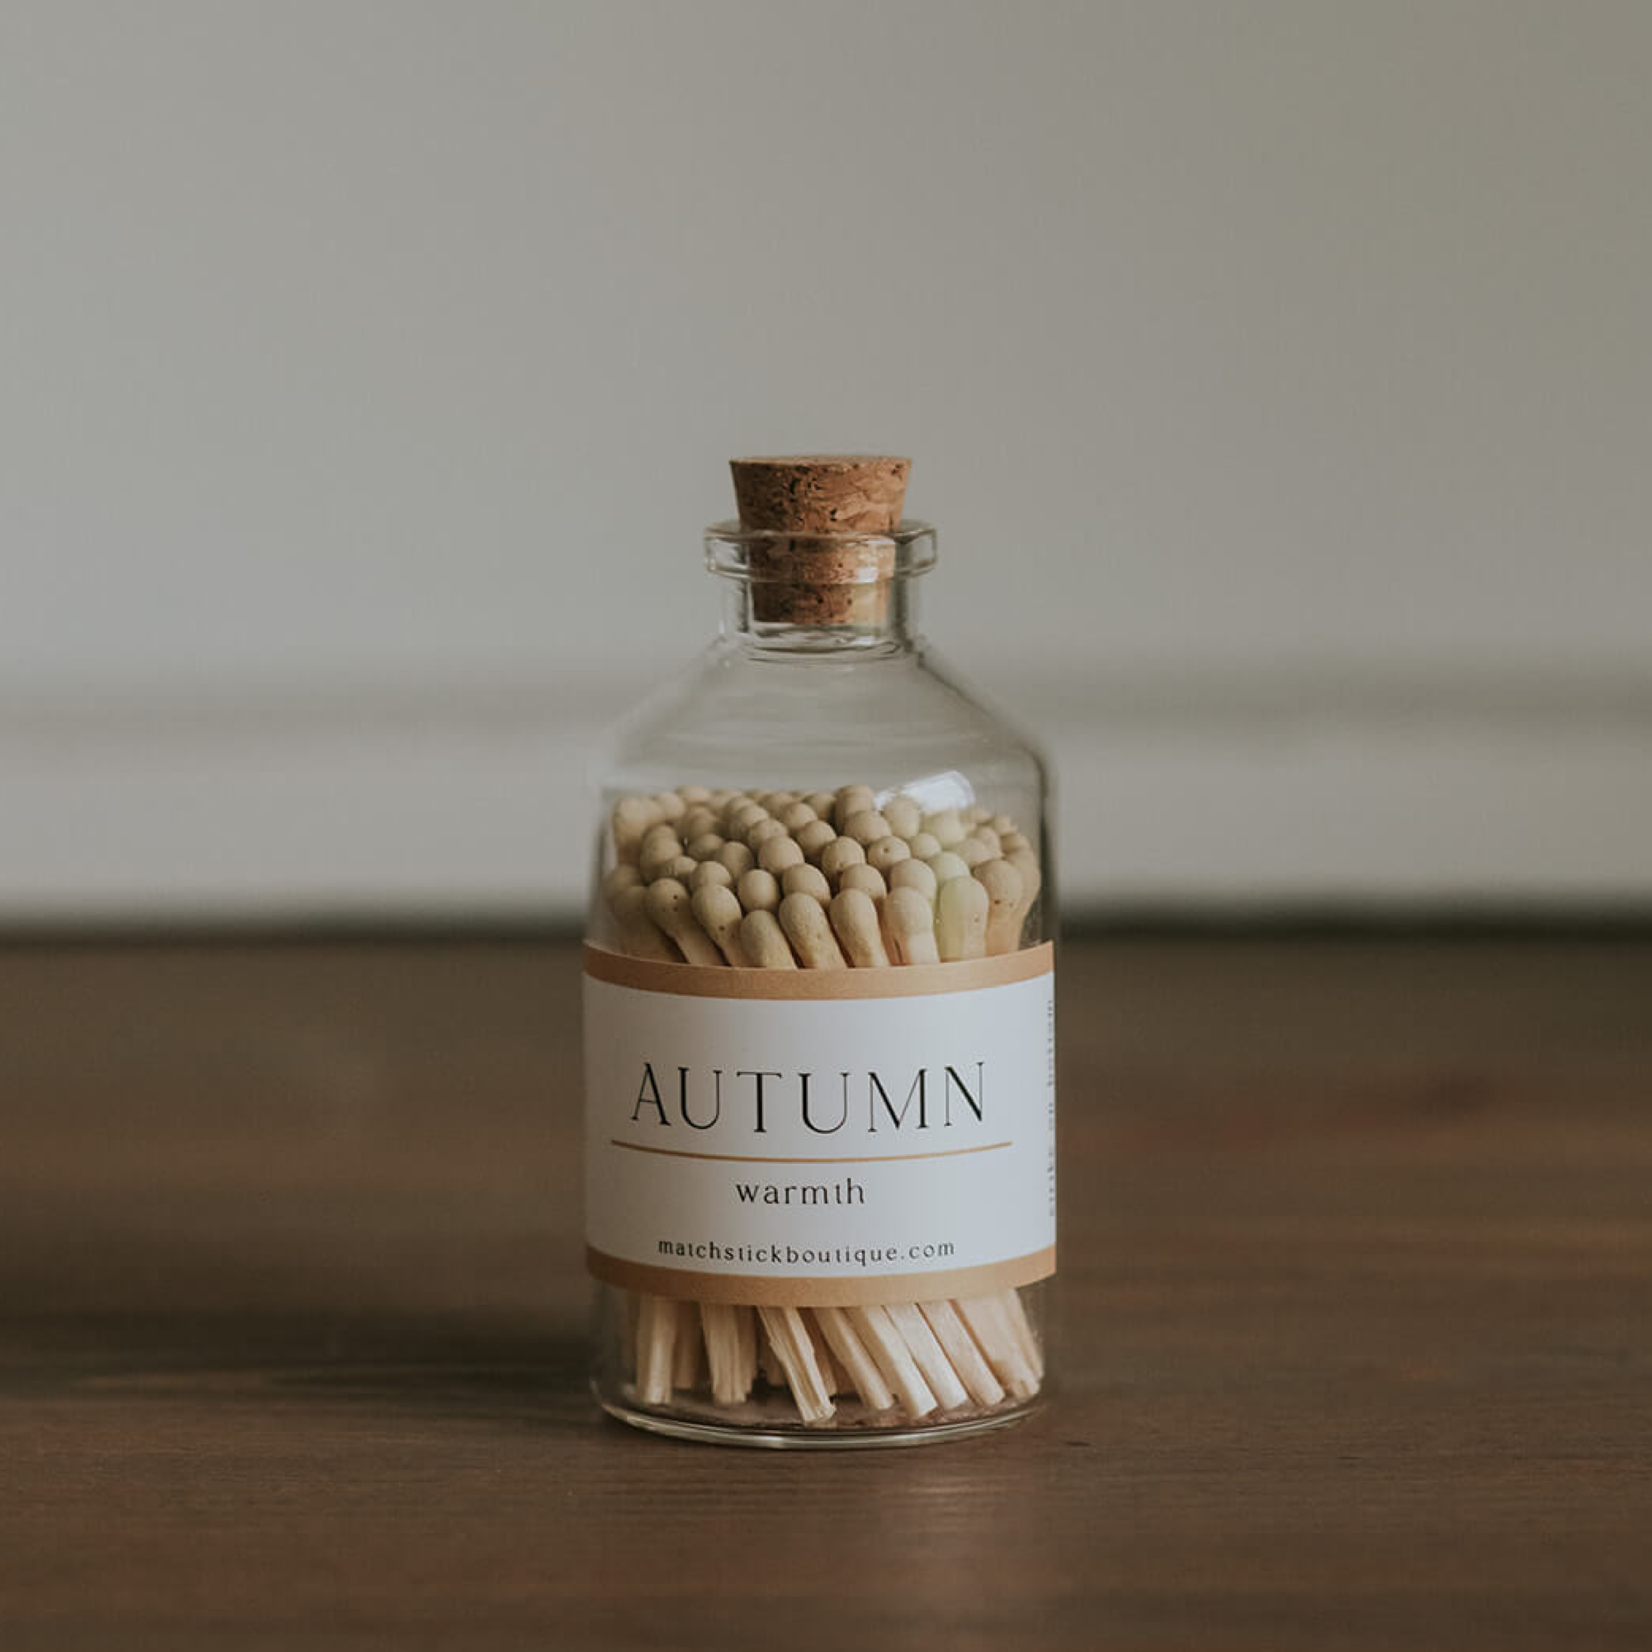 Autumn Warmth - Matches